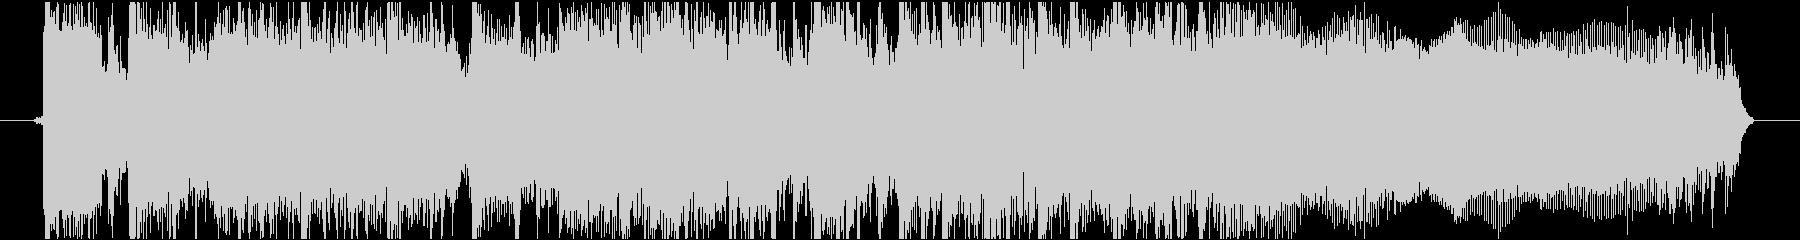 緊迫感あるハードロック・メタル調ジングルの未再生の波形